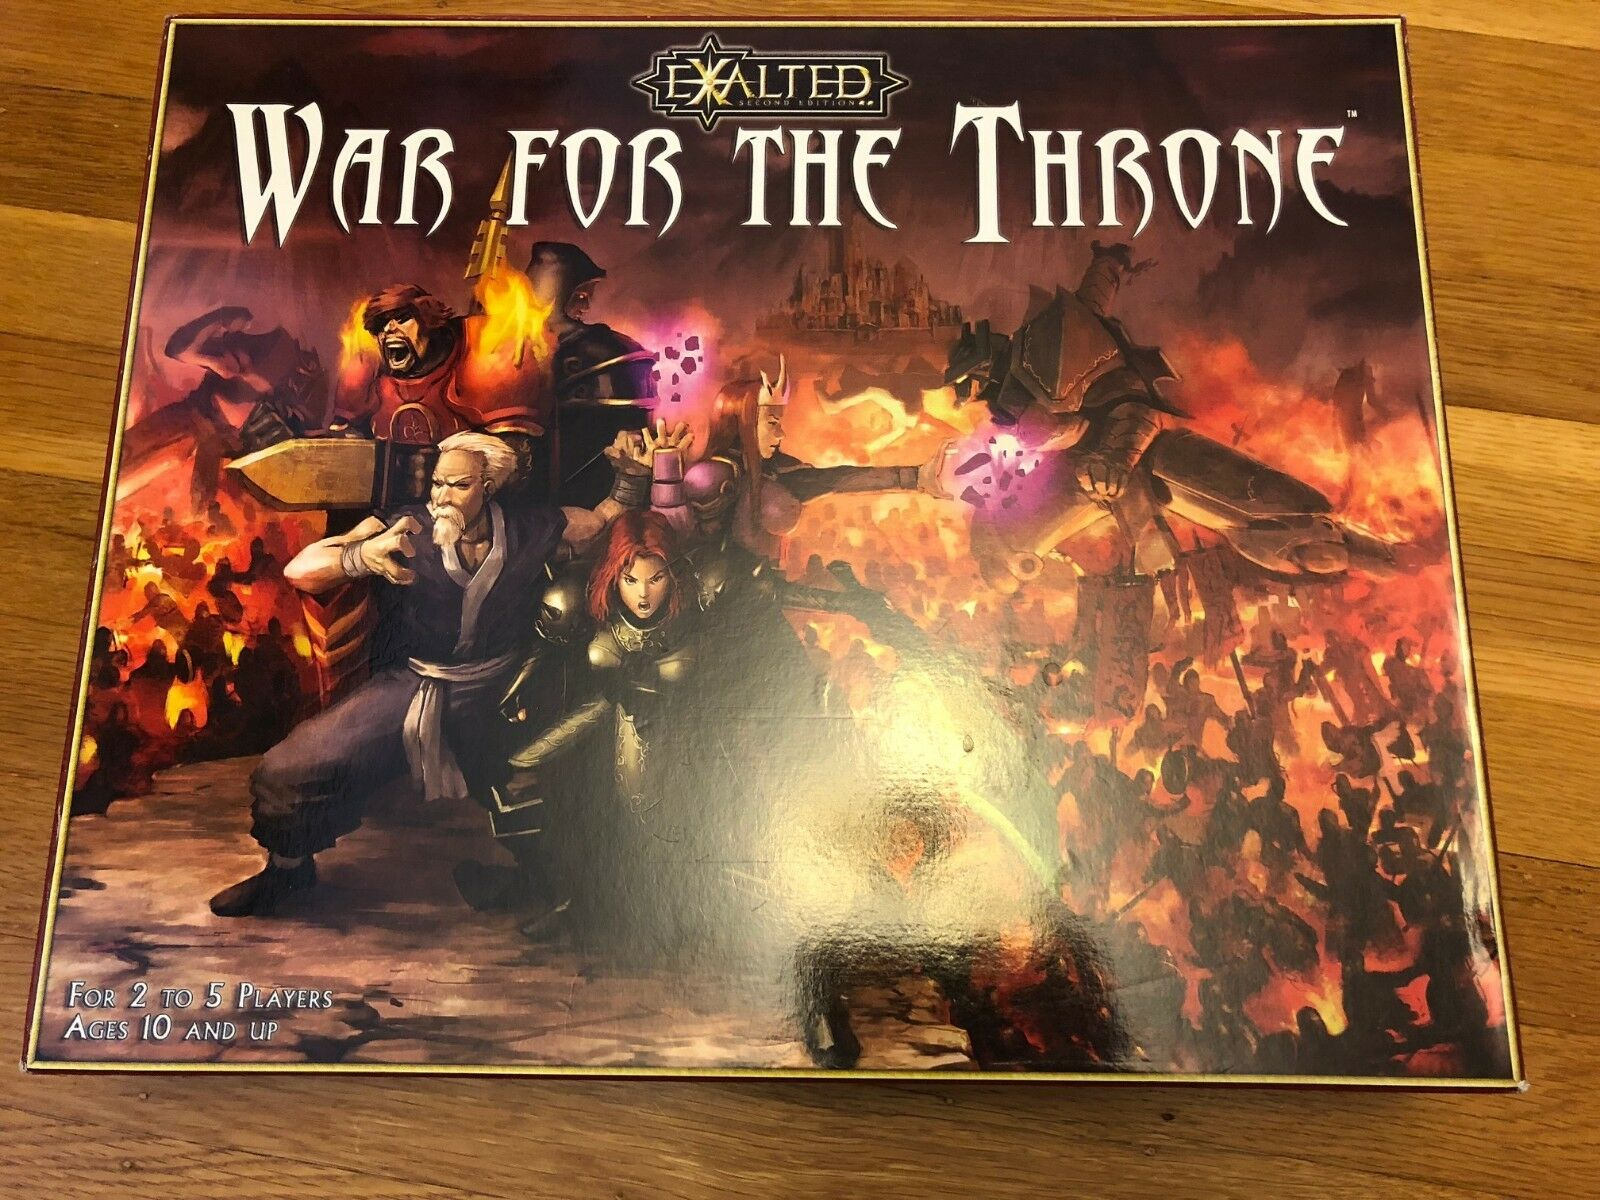 descuento de bajo precio Guerra por el trono exaltado 2nd 2nd 2nd Edición Juego De Mesa Completo Excelente blanco Wolf  envío gratuito a nivel mundial